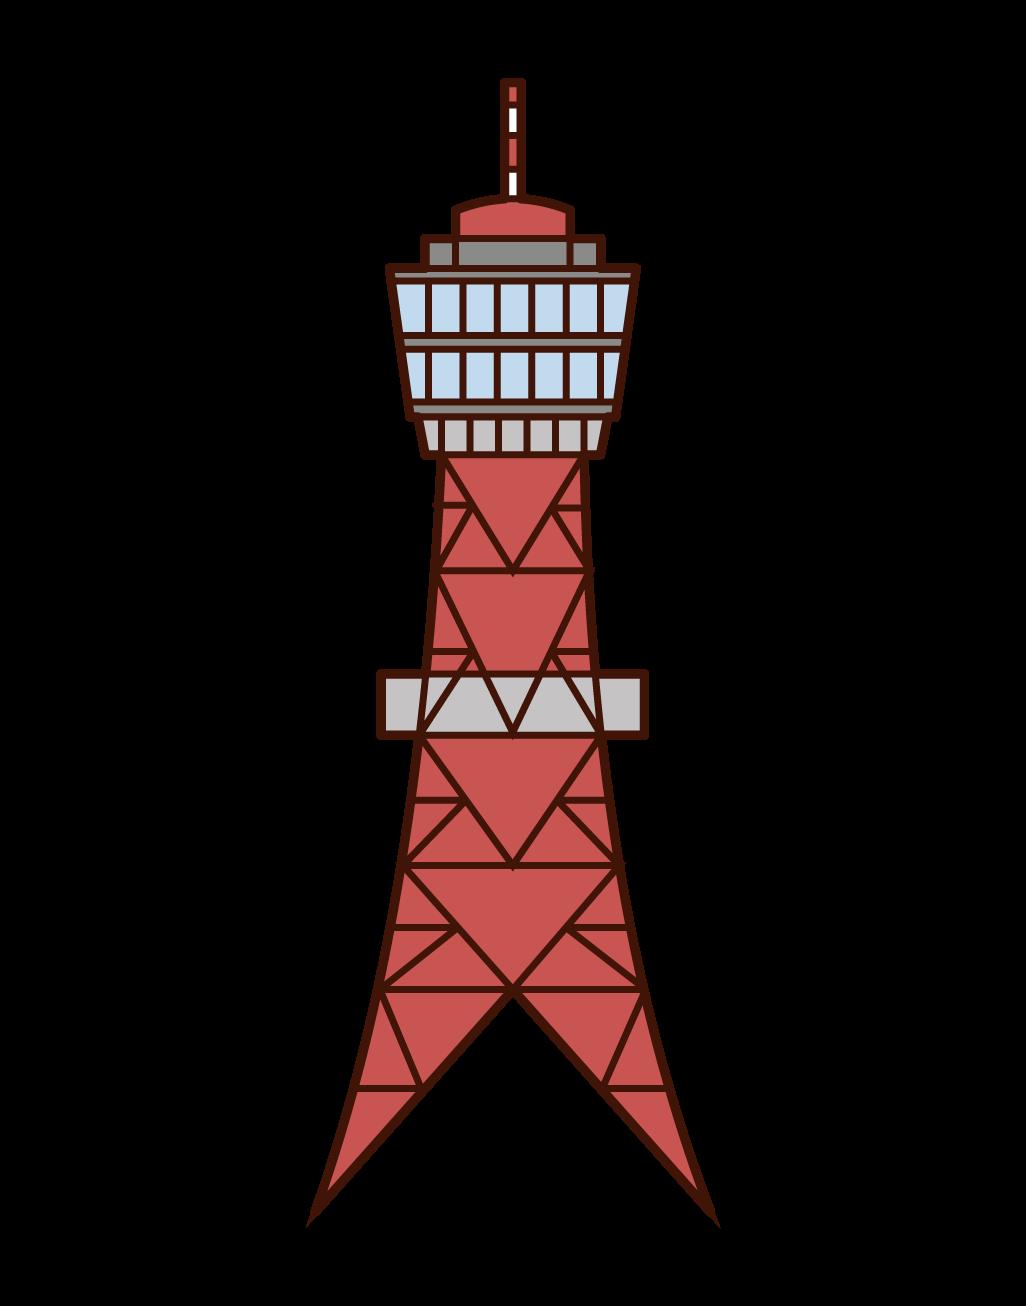 哈卡塔港塔插圖